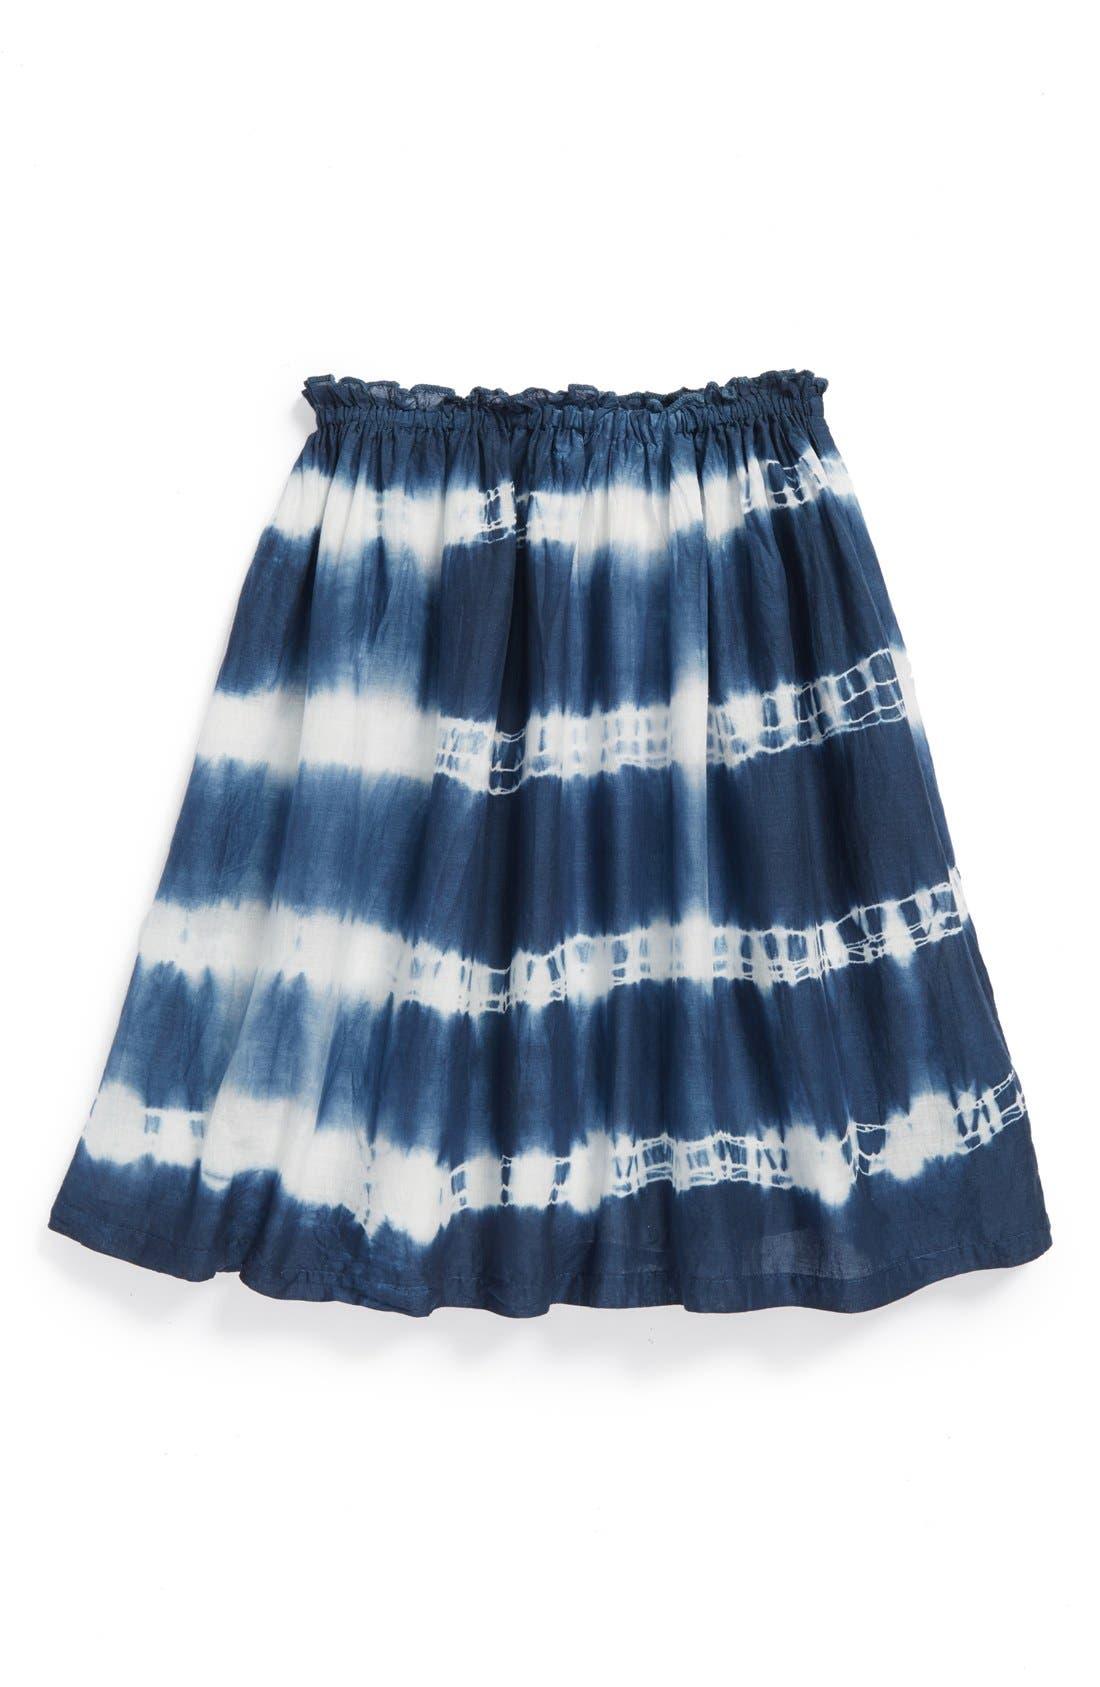 Alternate Image 1 Selected - Peek 'Festival' Tie Dye Cotton Skirt (Toddler Girls, Little Girls & Big Girls)